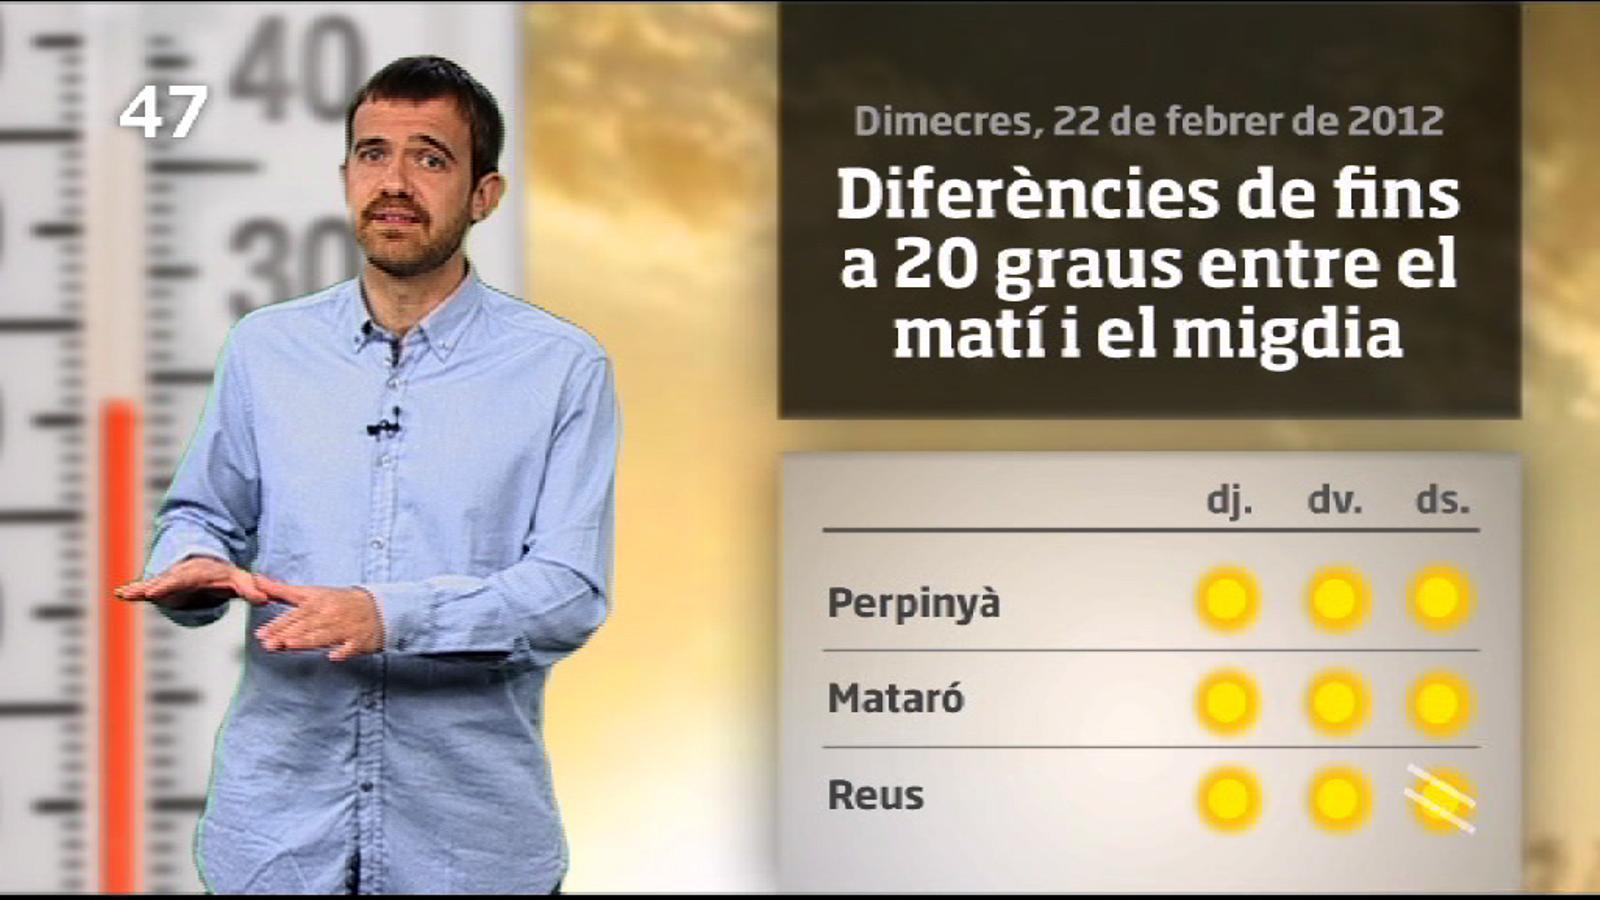 La méteo en 1 minut: fins a 20 graus entre el matí i el migdia (23/02/2012)